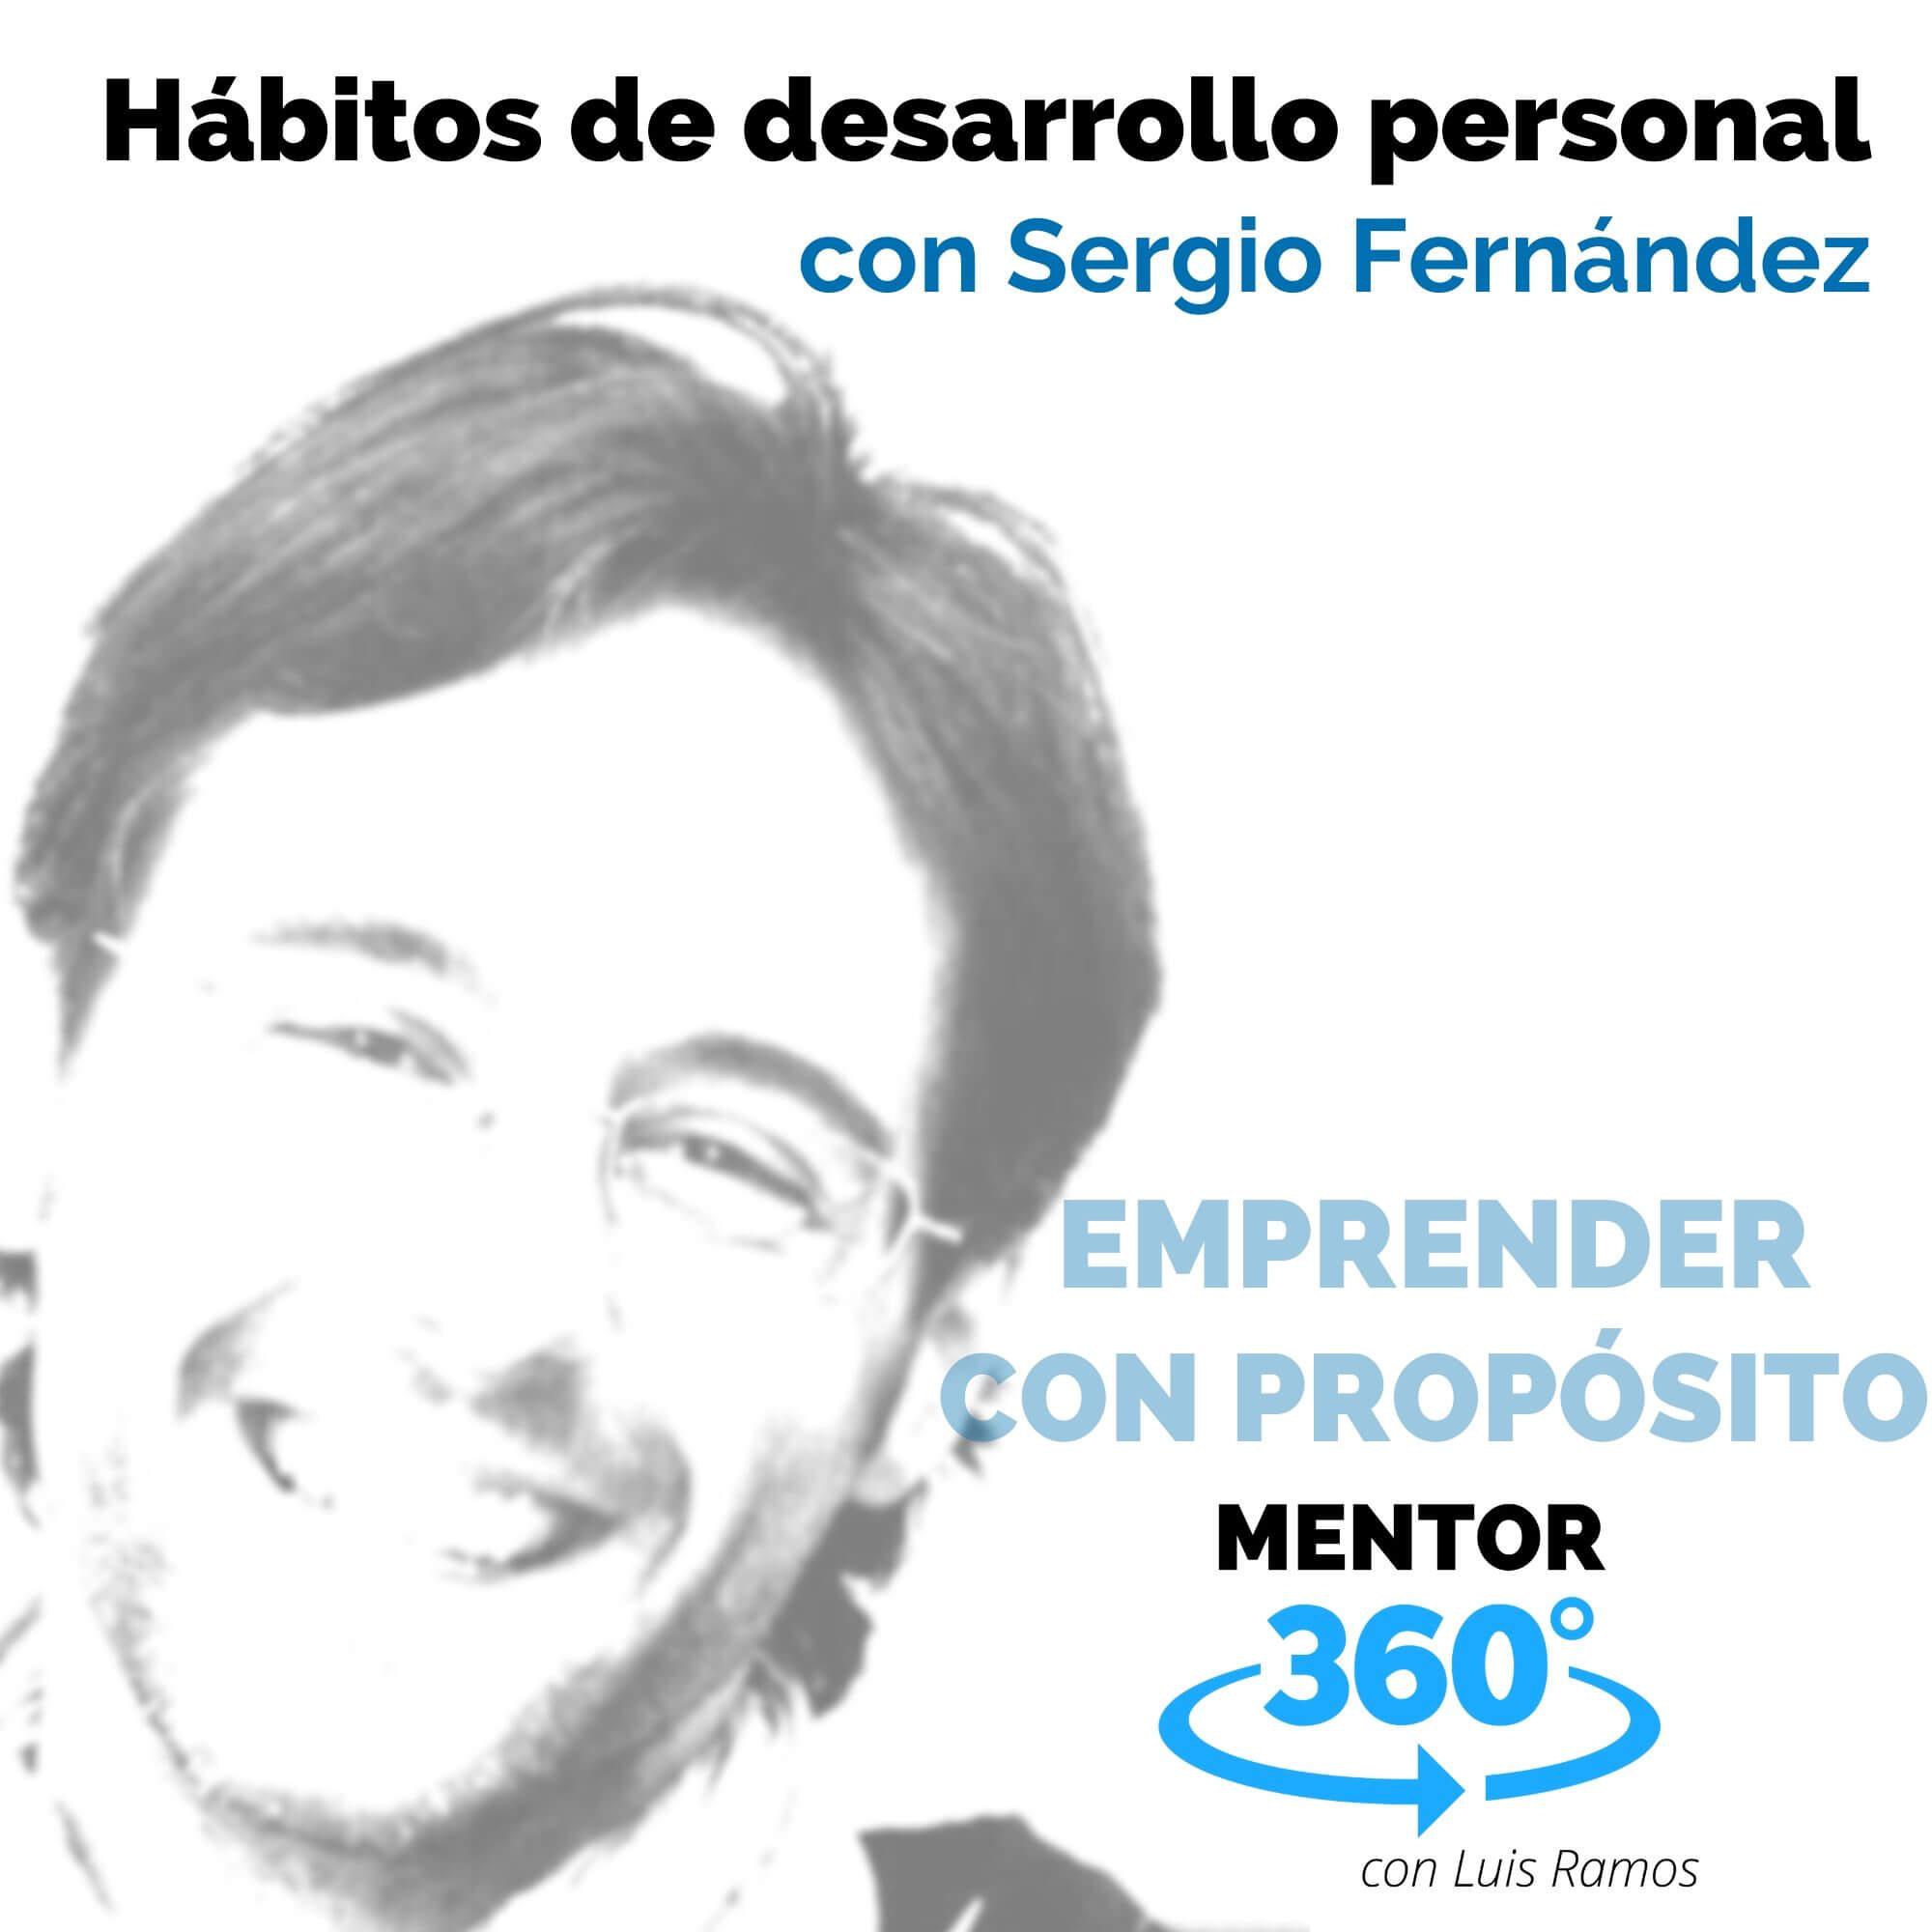 Hábitos de desarrollo personal, con Sergio Fernández - EMPRENDER CON PROPÓSITO